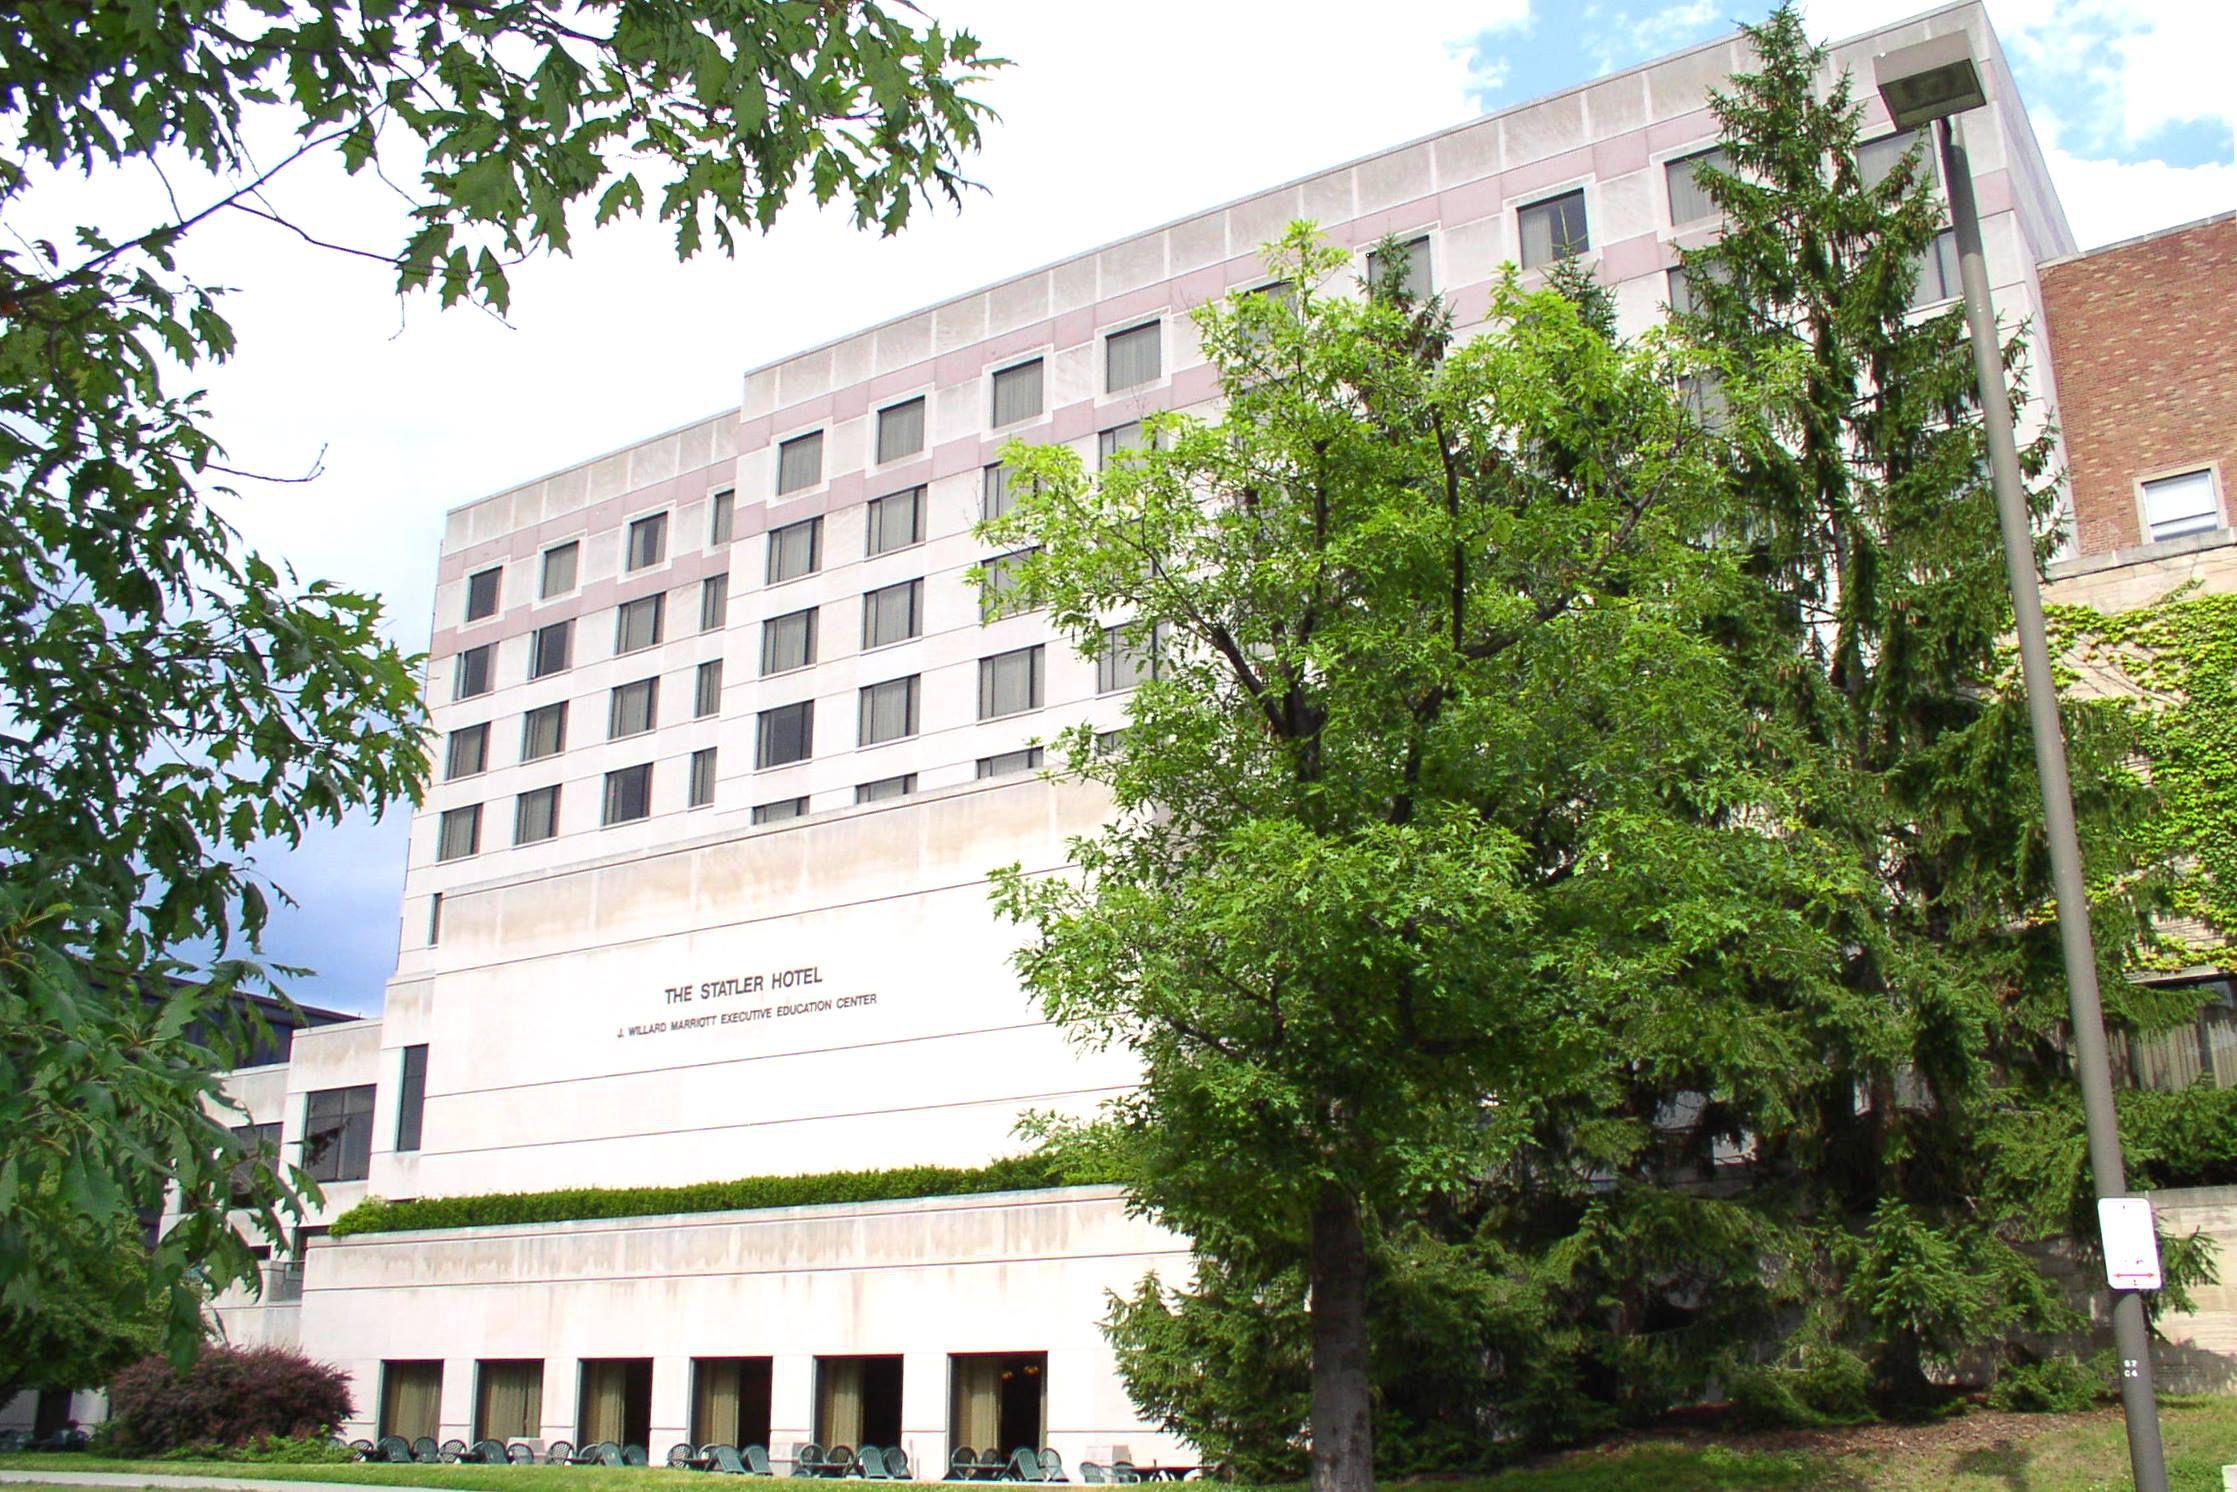 Cornell University Statler Hotel